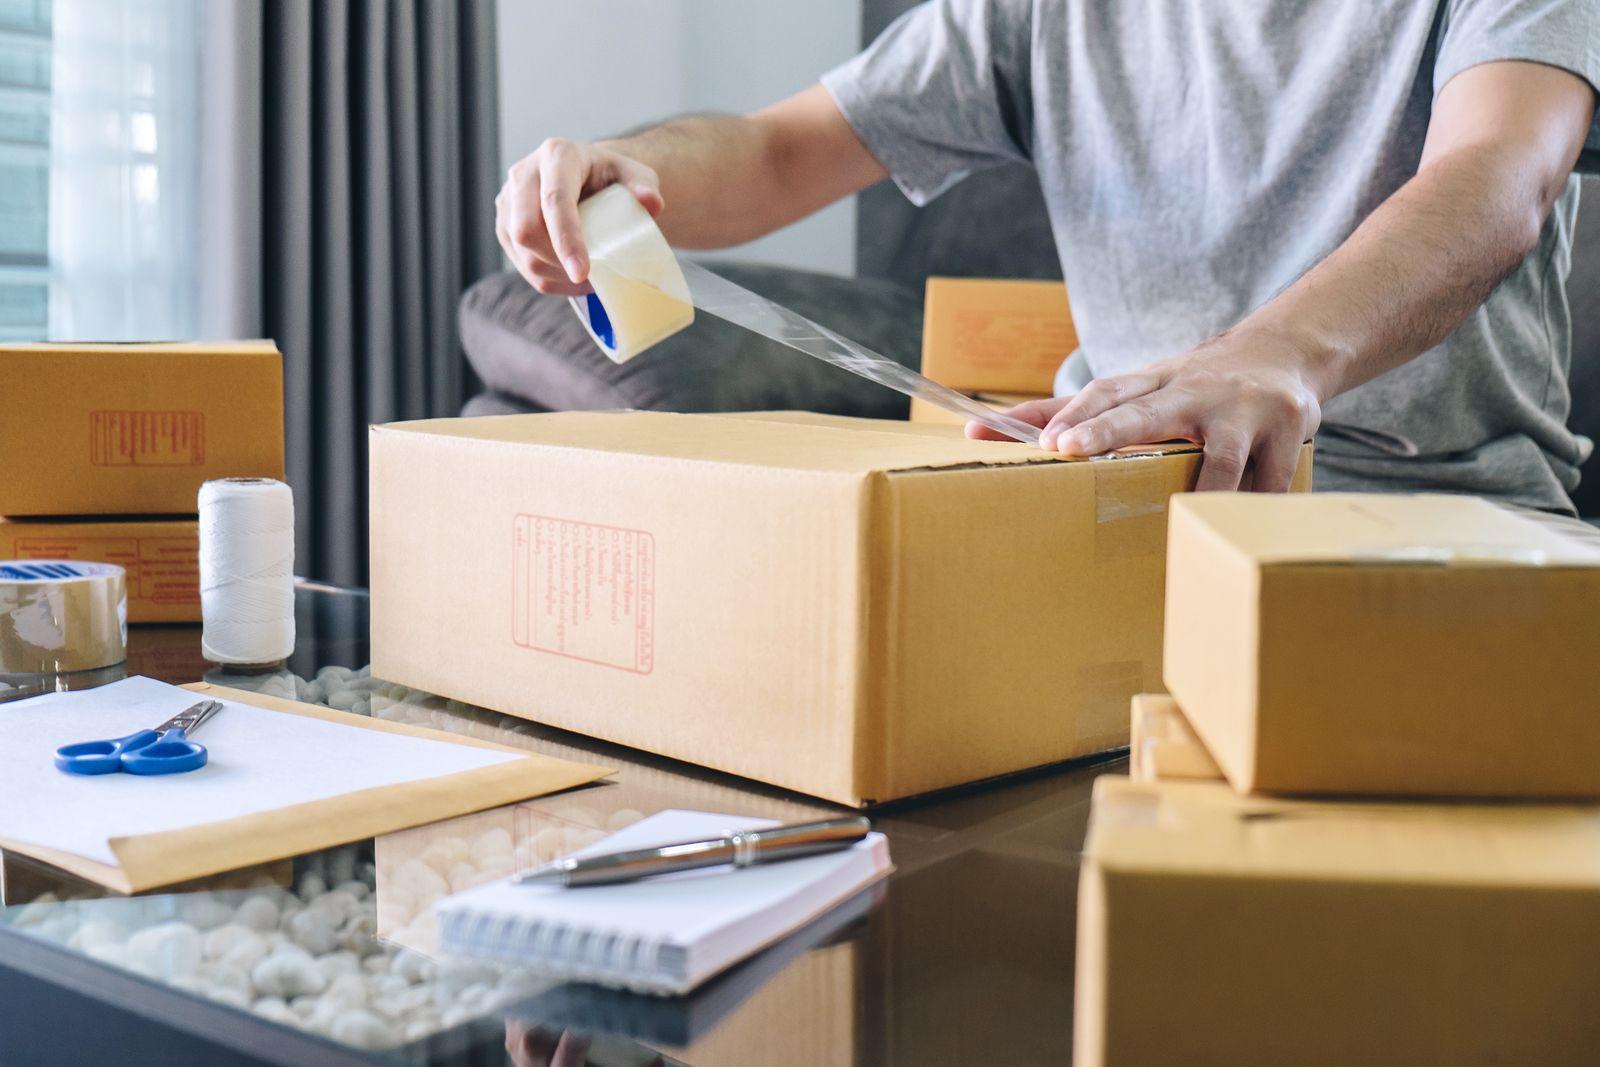 Cómo Enviar Y Recibir Paquetes Sin Tener Que Ir Correos